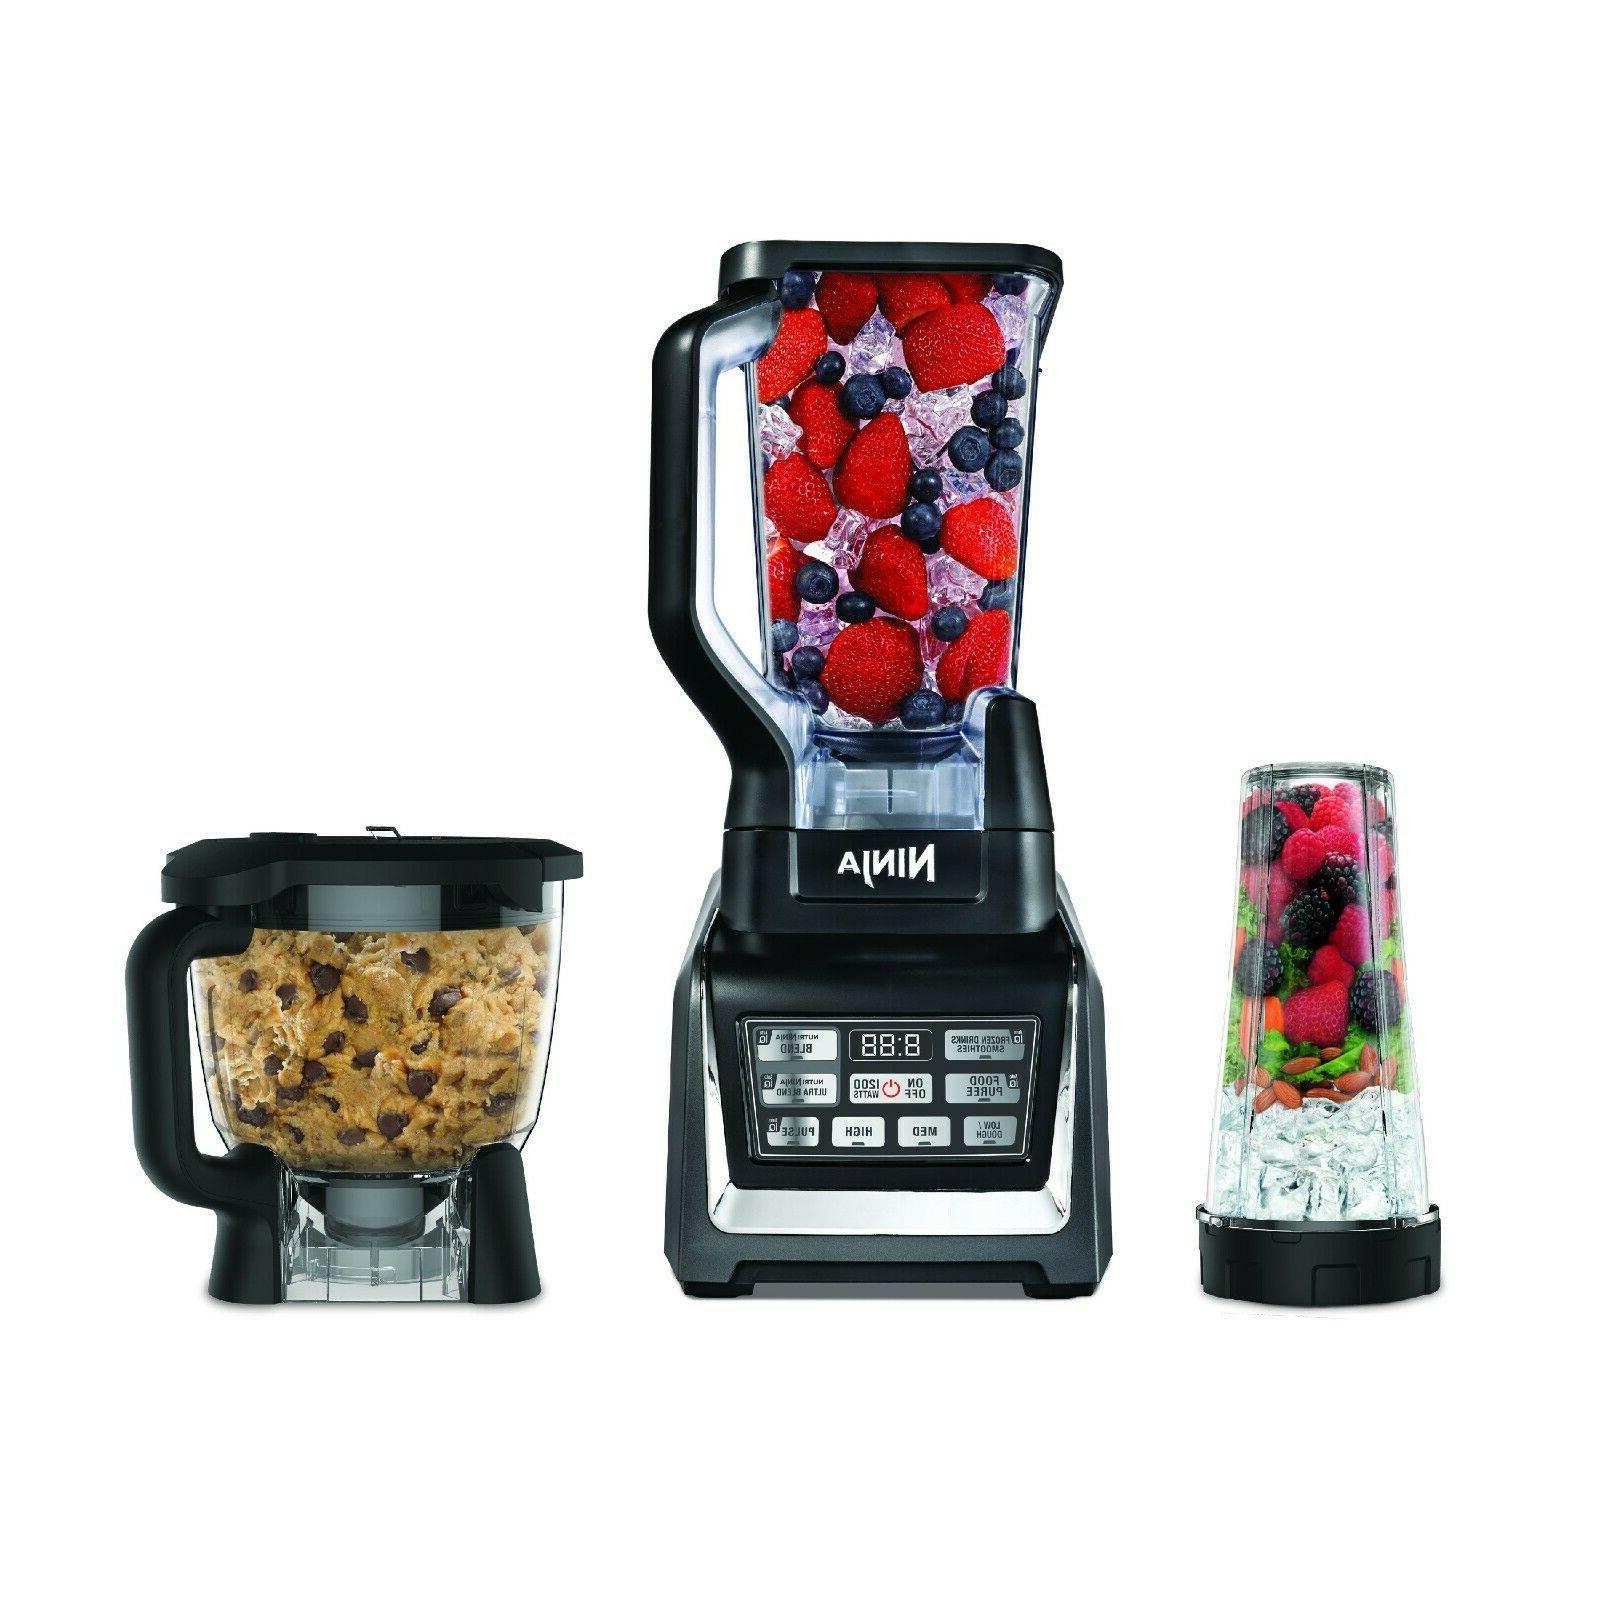 Blender 72 oz Ninja Auto-iQ 3 piece Kitchen System food